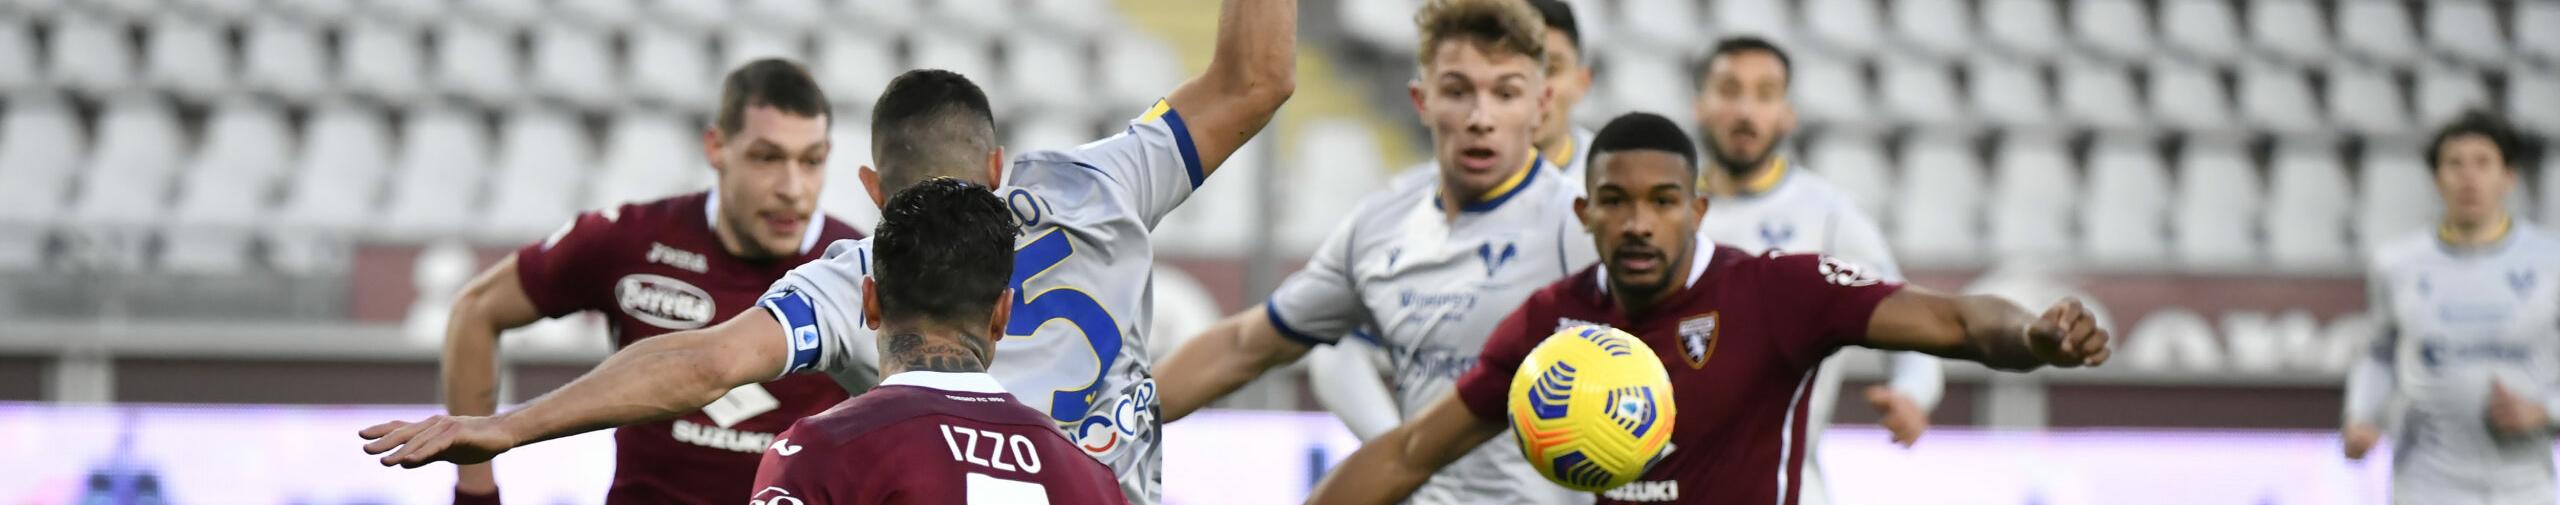 Verona-Torino, granata in cerca della salvezza contro un Hellas che ha spento la luce